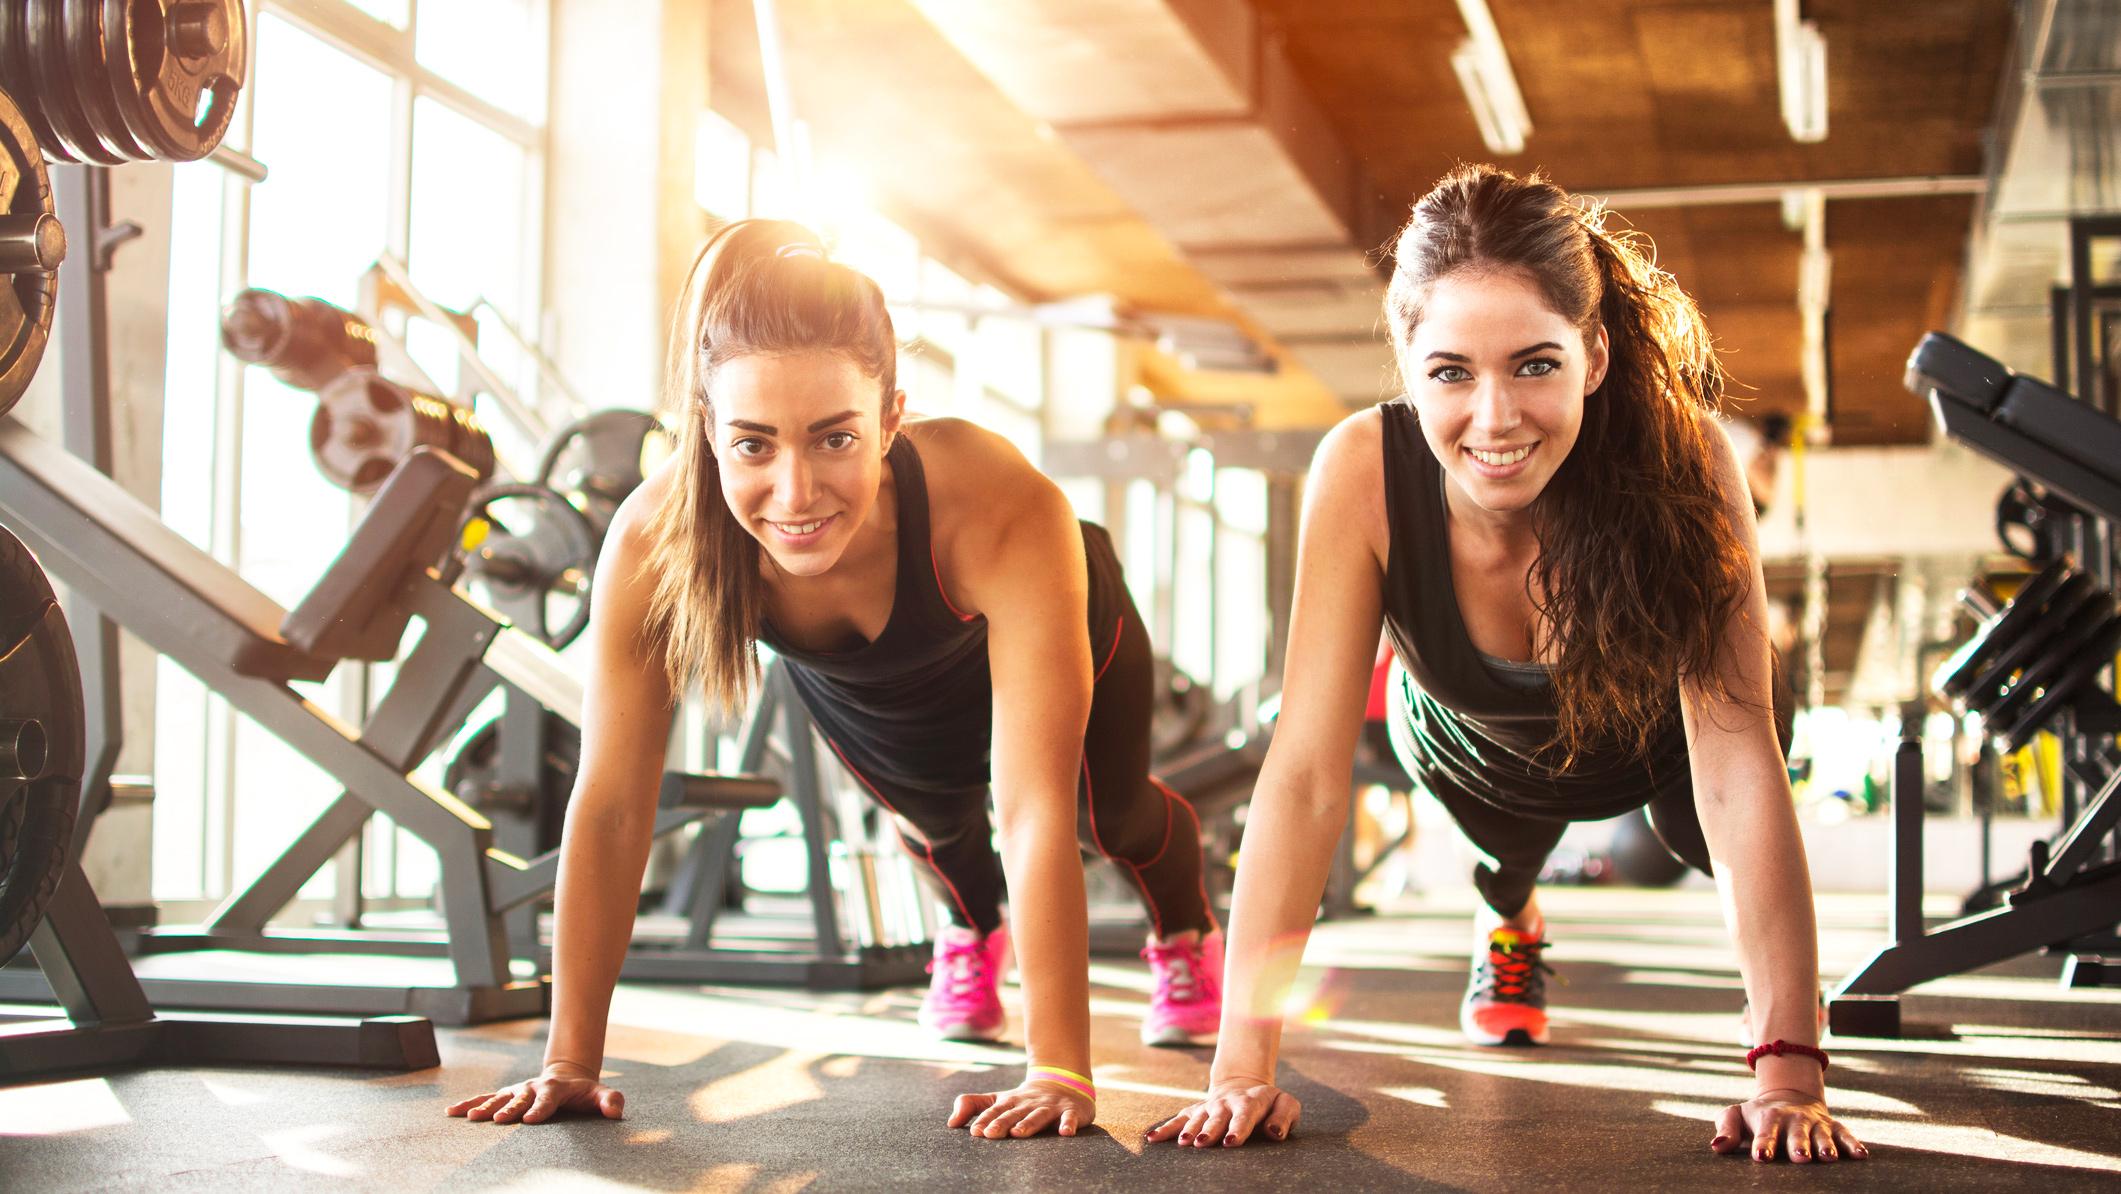 femmes-sourire-salle-de-sport-gainage-planche-fitness